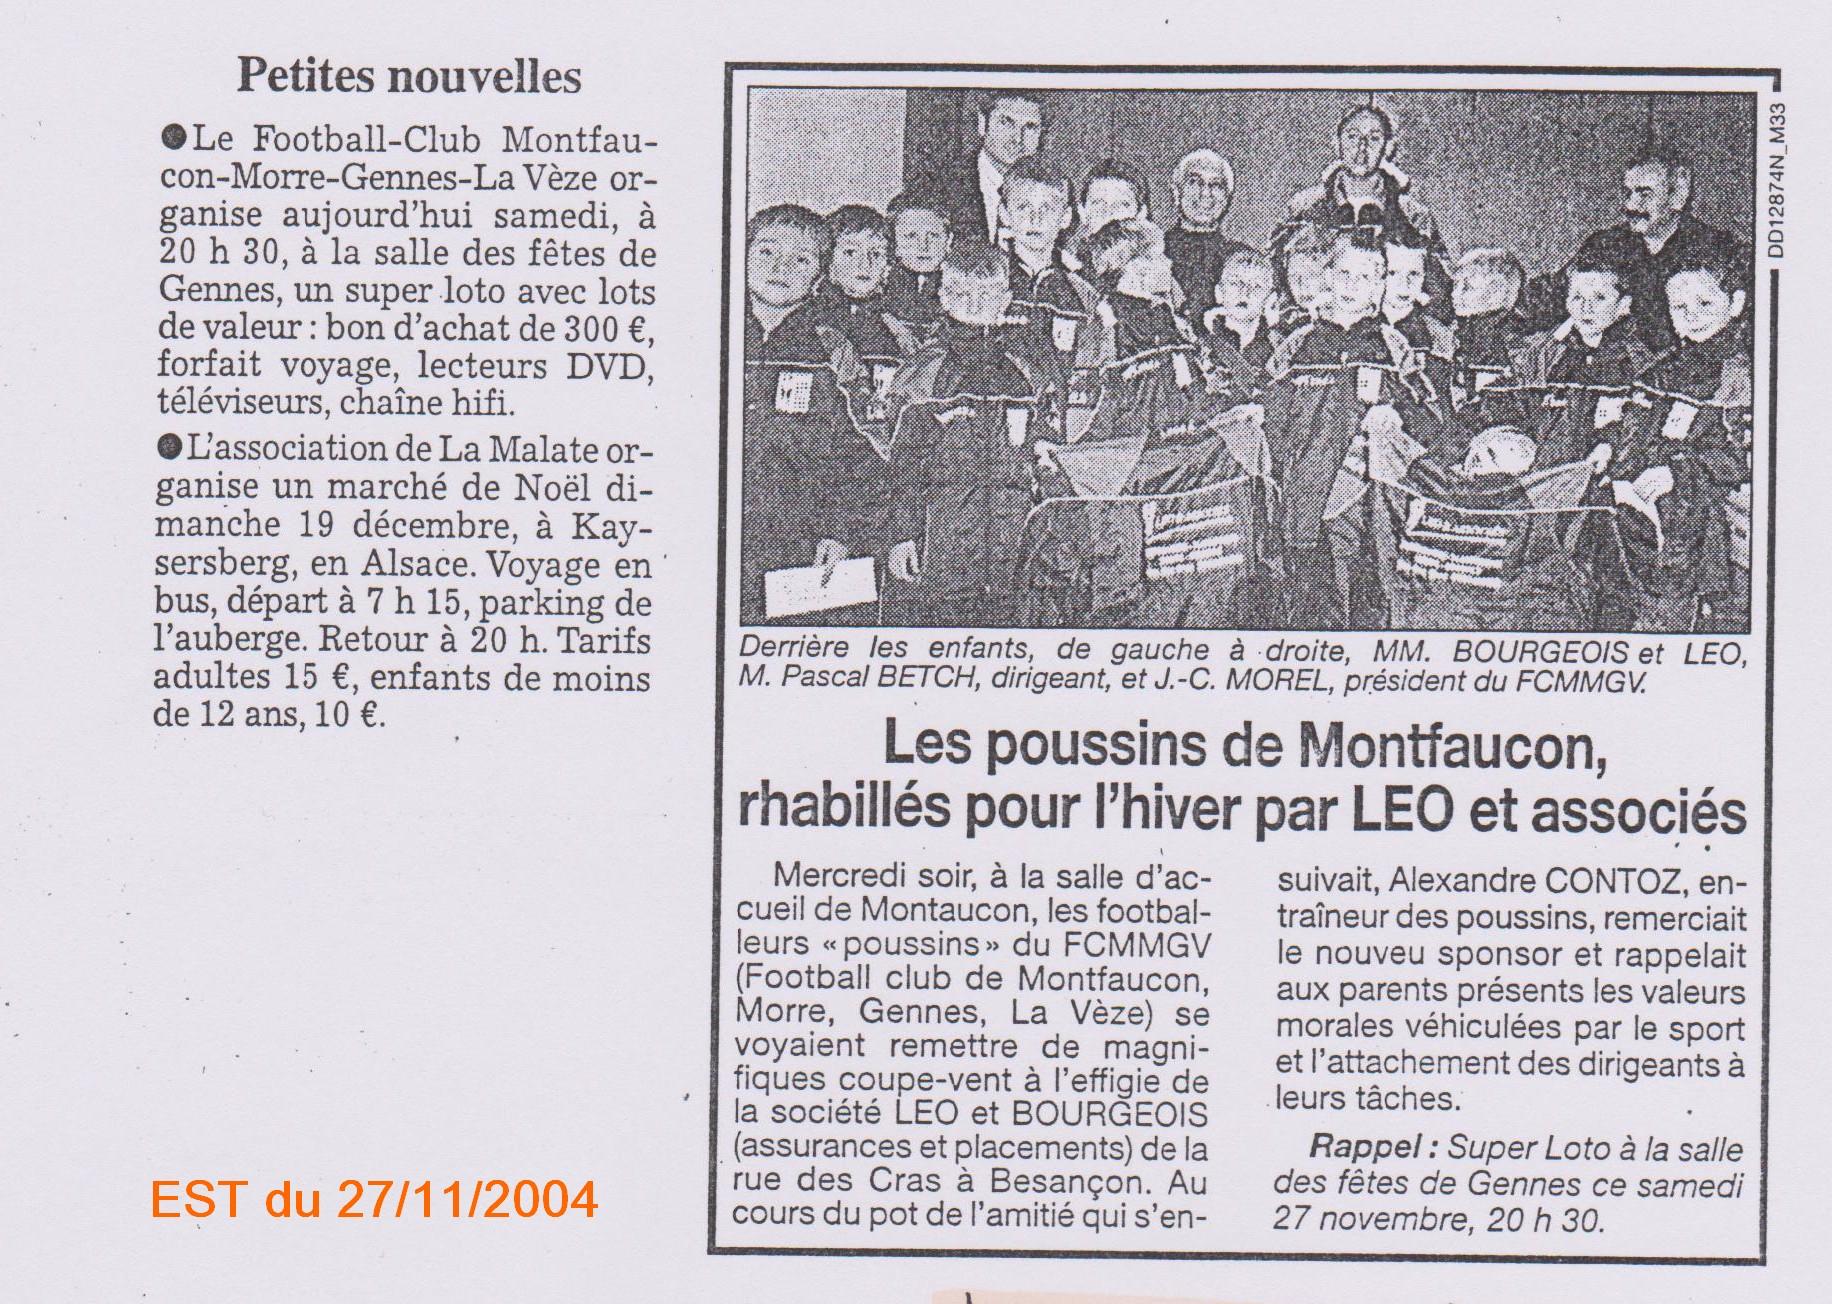 EST du 27/11/2004